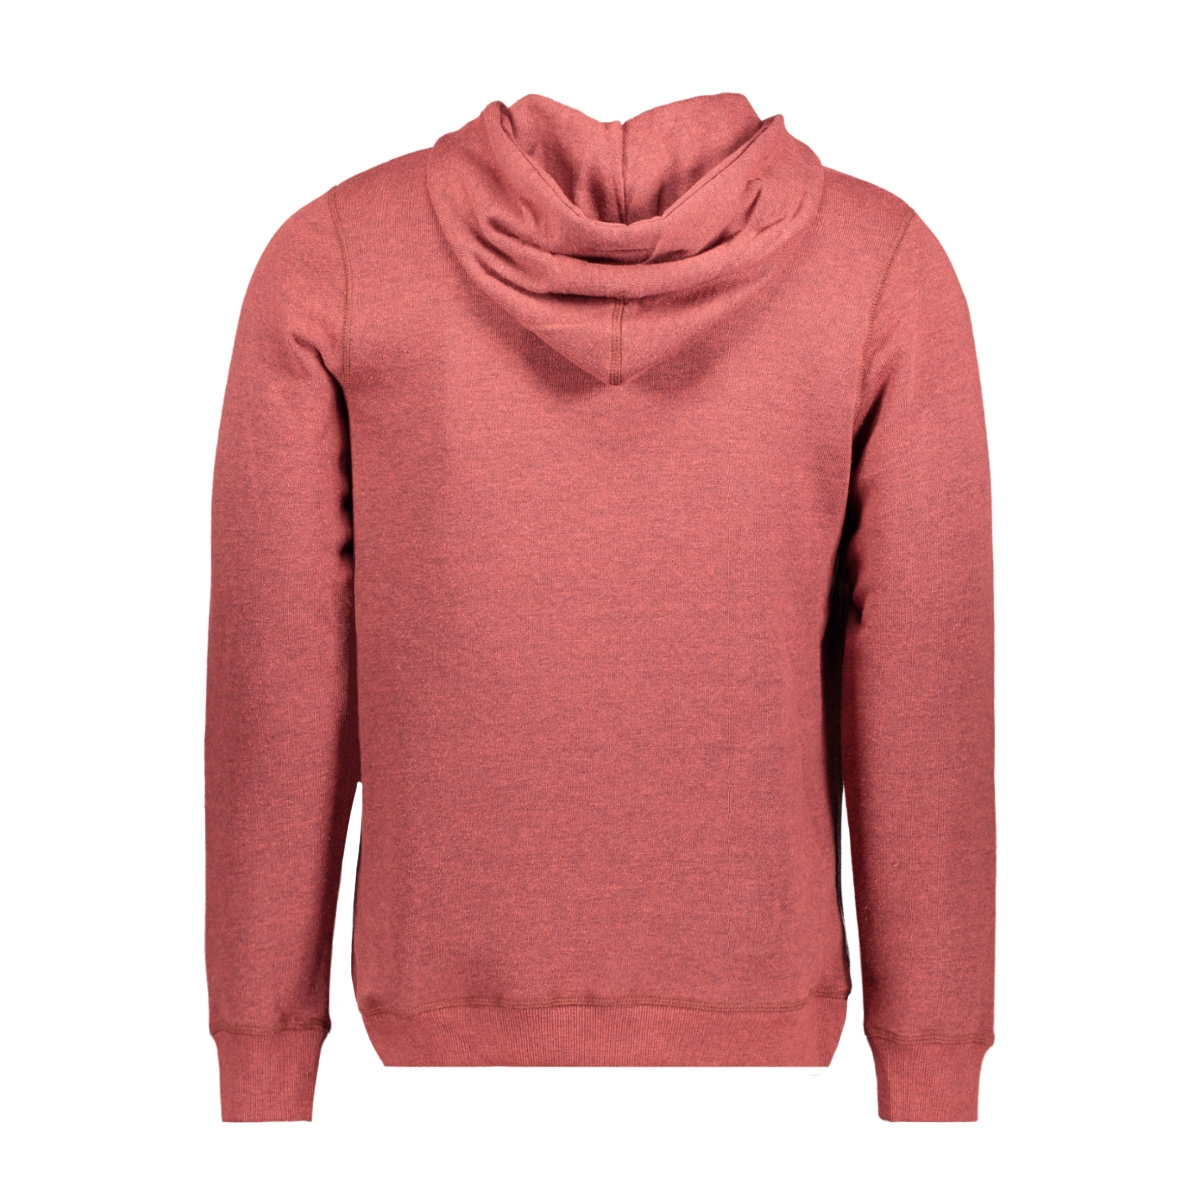 jjvpeet sweat hood 12127669 jack & jones sweater chili oil/slim fit